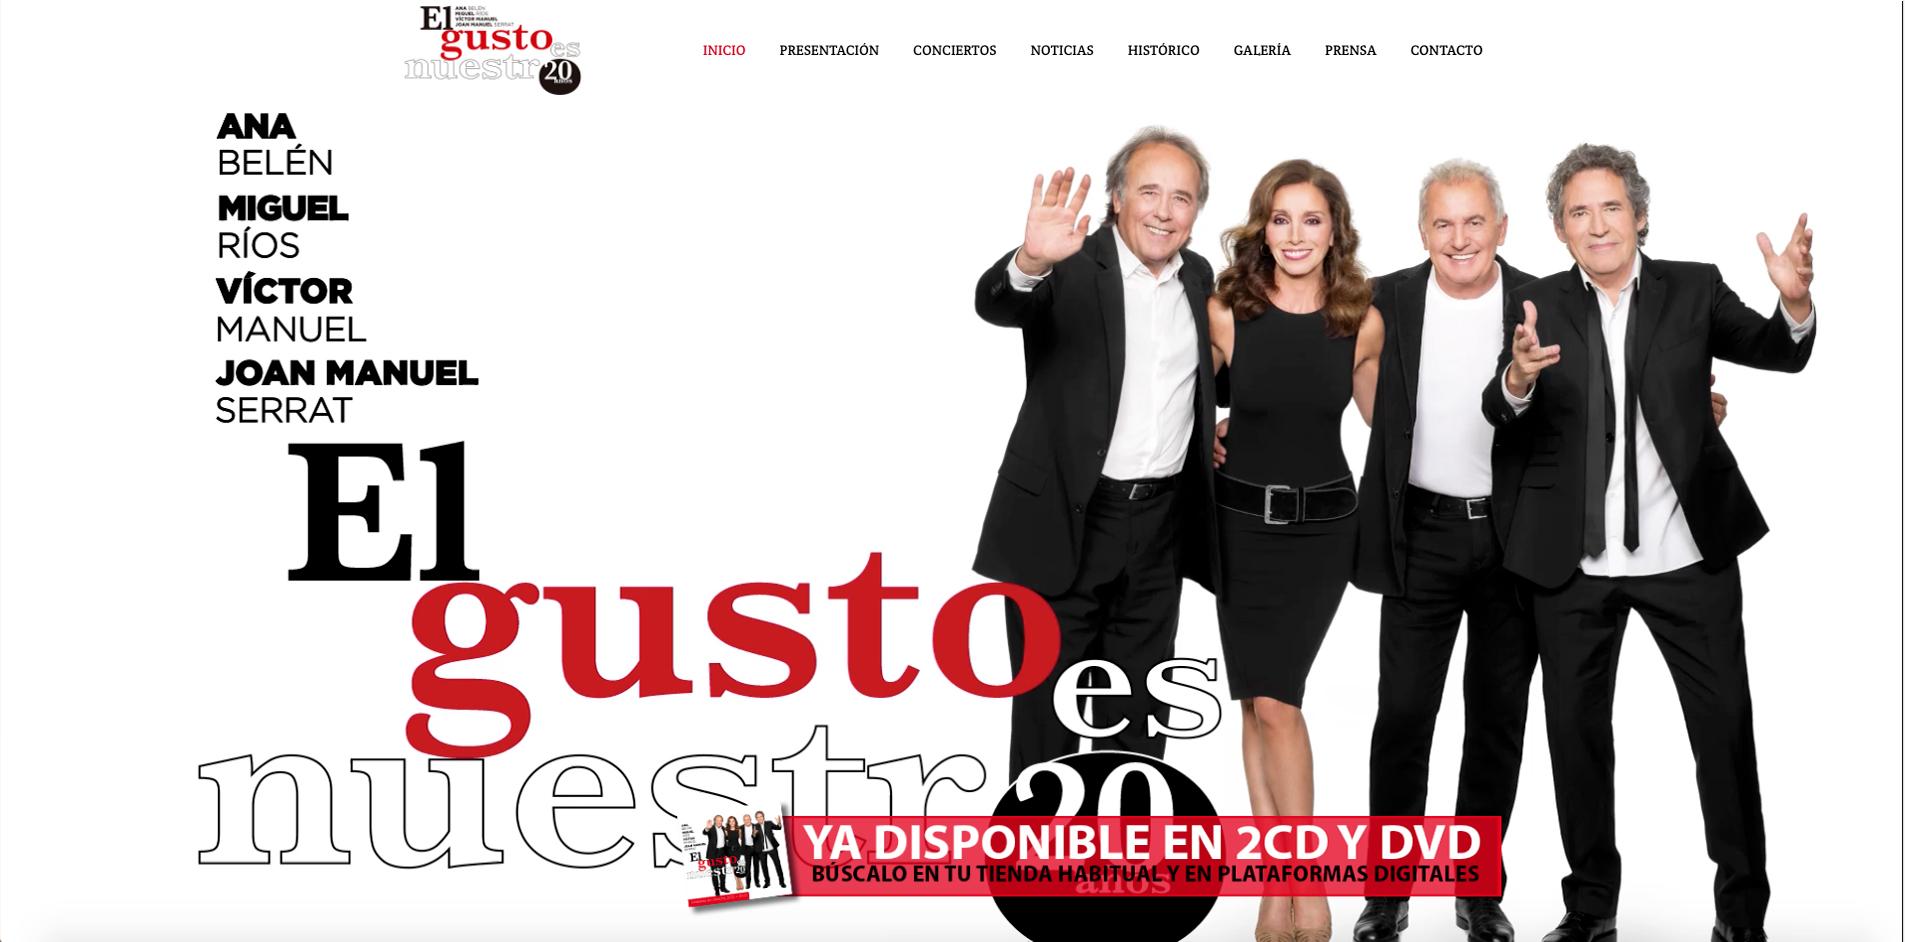 web-el-gusto-es-nuestro-20